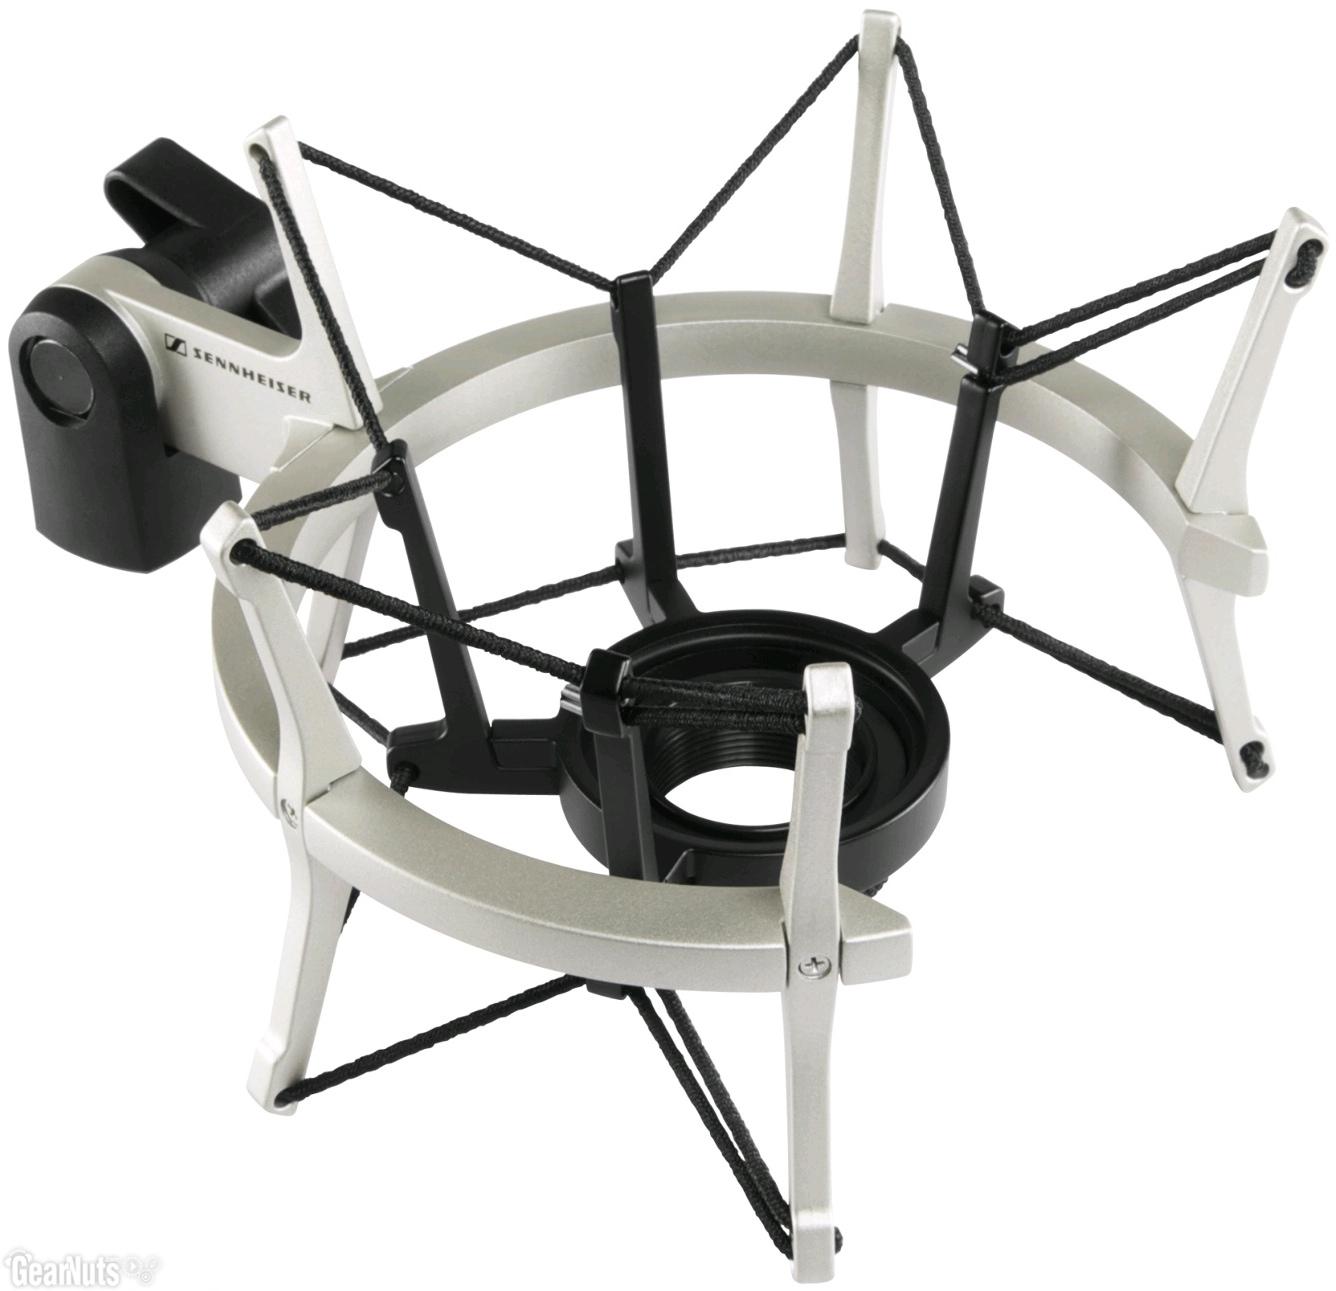 Аксессуары для микрофонов, радио и конференц-систем Sennheiser MKS4